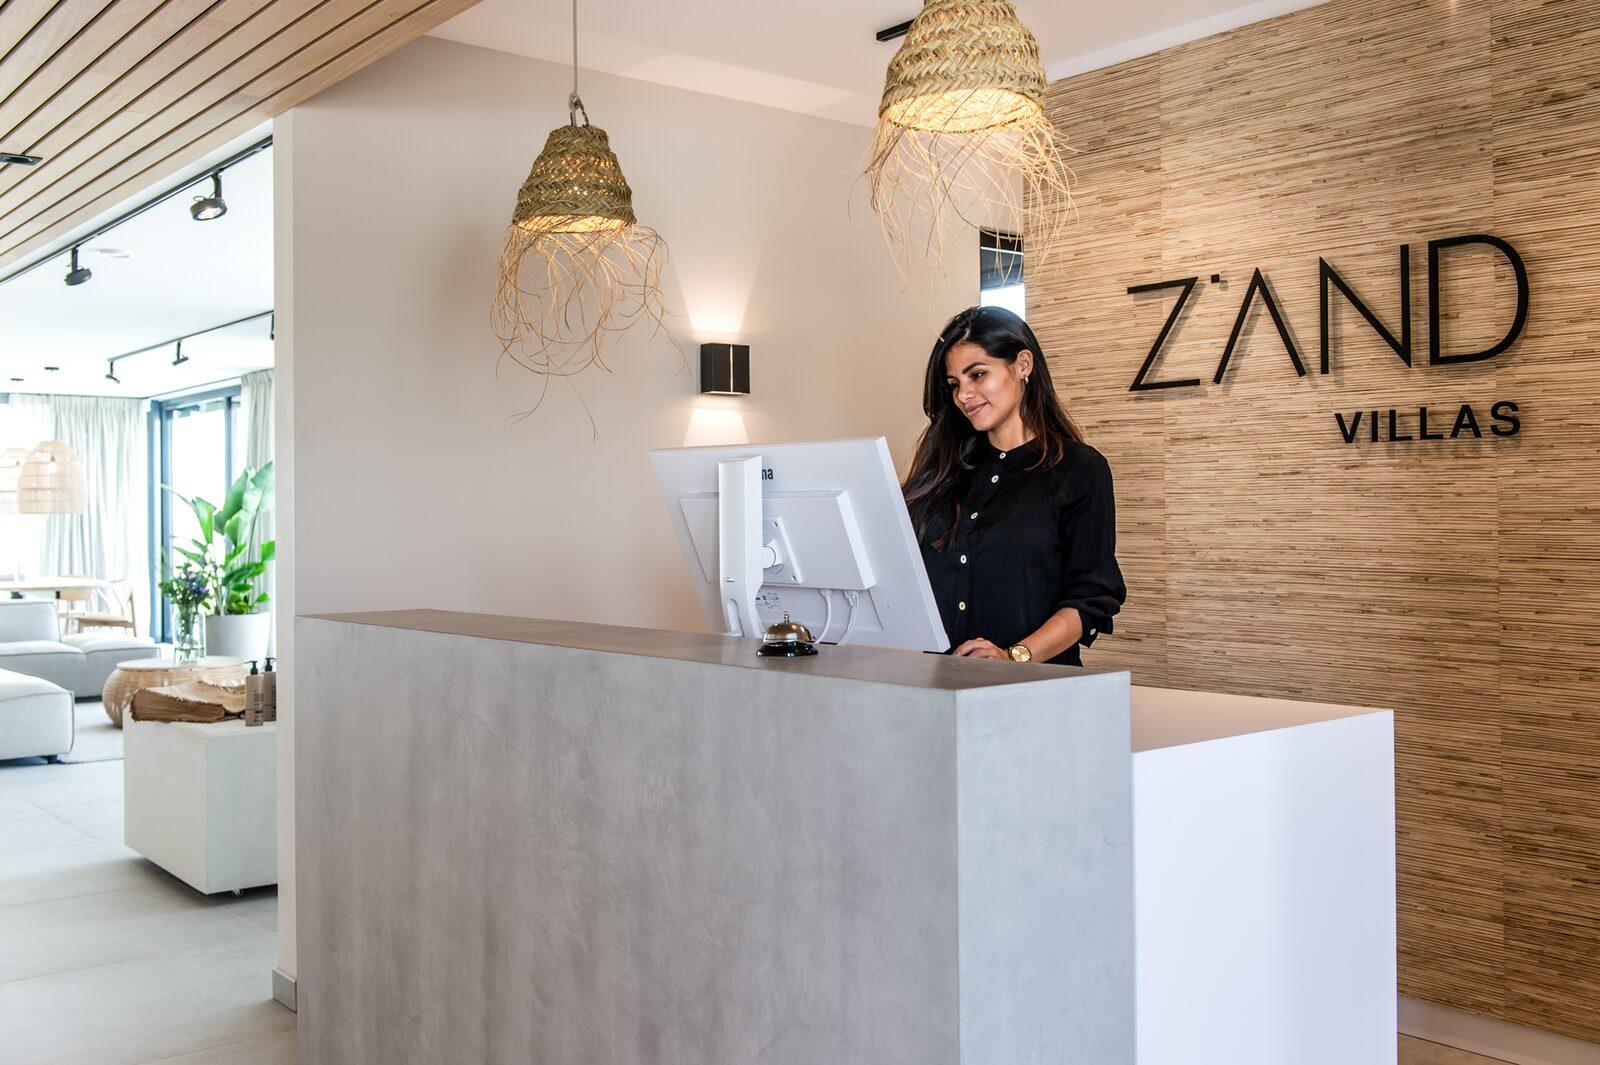 Luxurious holiday villa in Zeeland